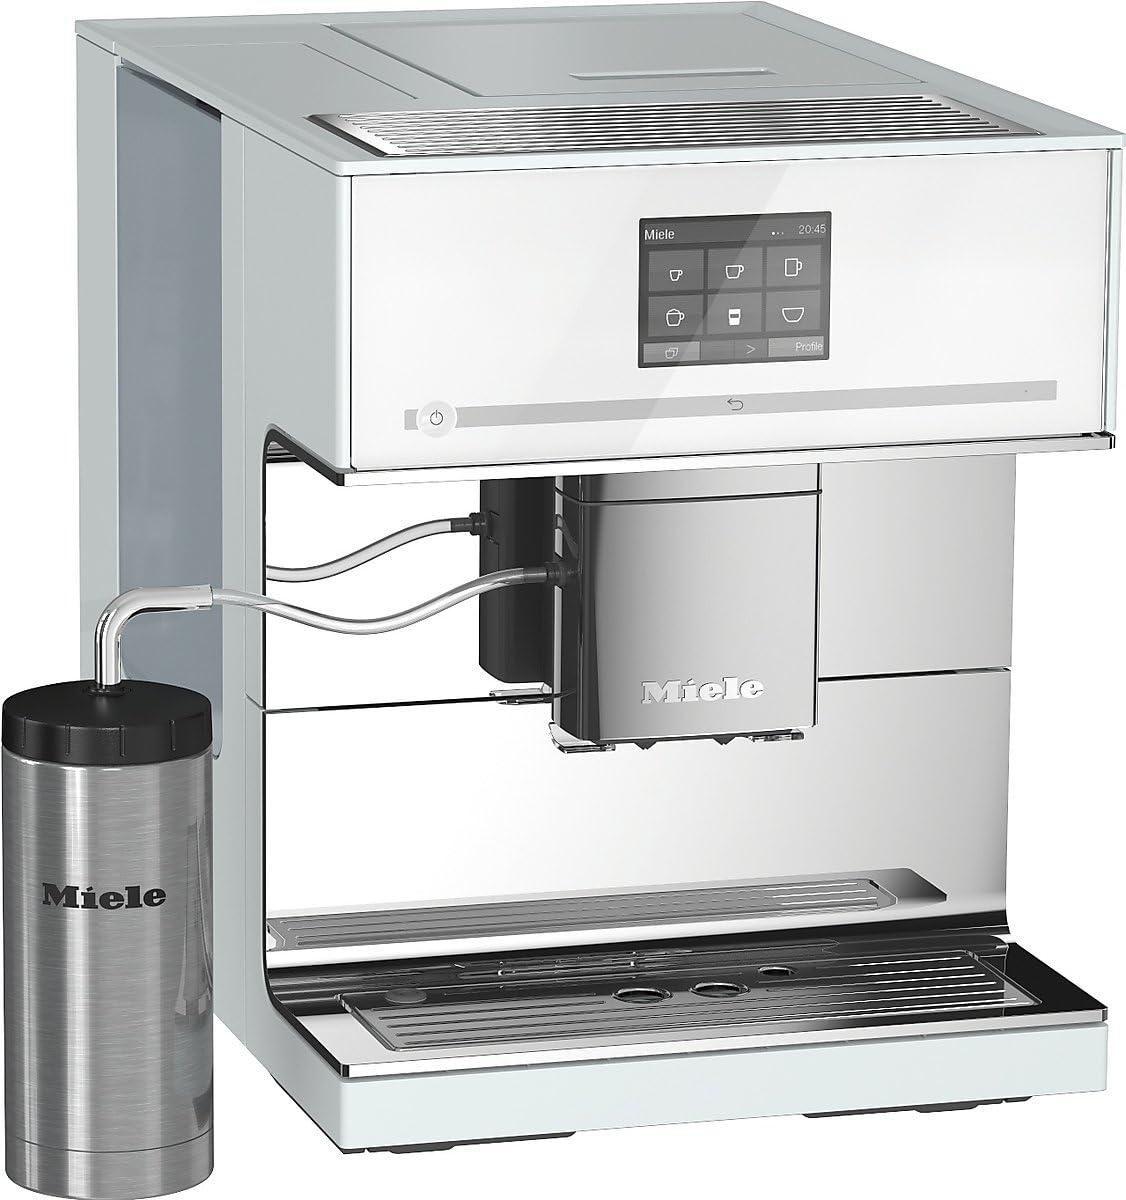 Miele CM 7500 Independiente Totalmente automática Máquina espresso 2.2L 14tazas Blanco - Cafetera (Independiente, Máquina espresso, 2,2 L, Molinillo integrado, 1500 W, Blanco): Amazon.es: Hogar